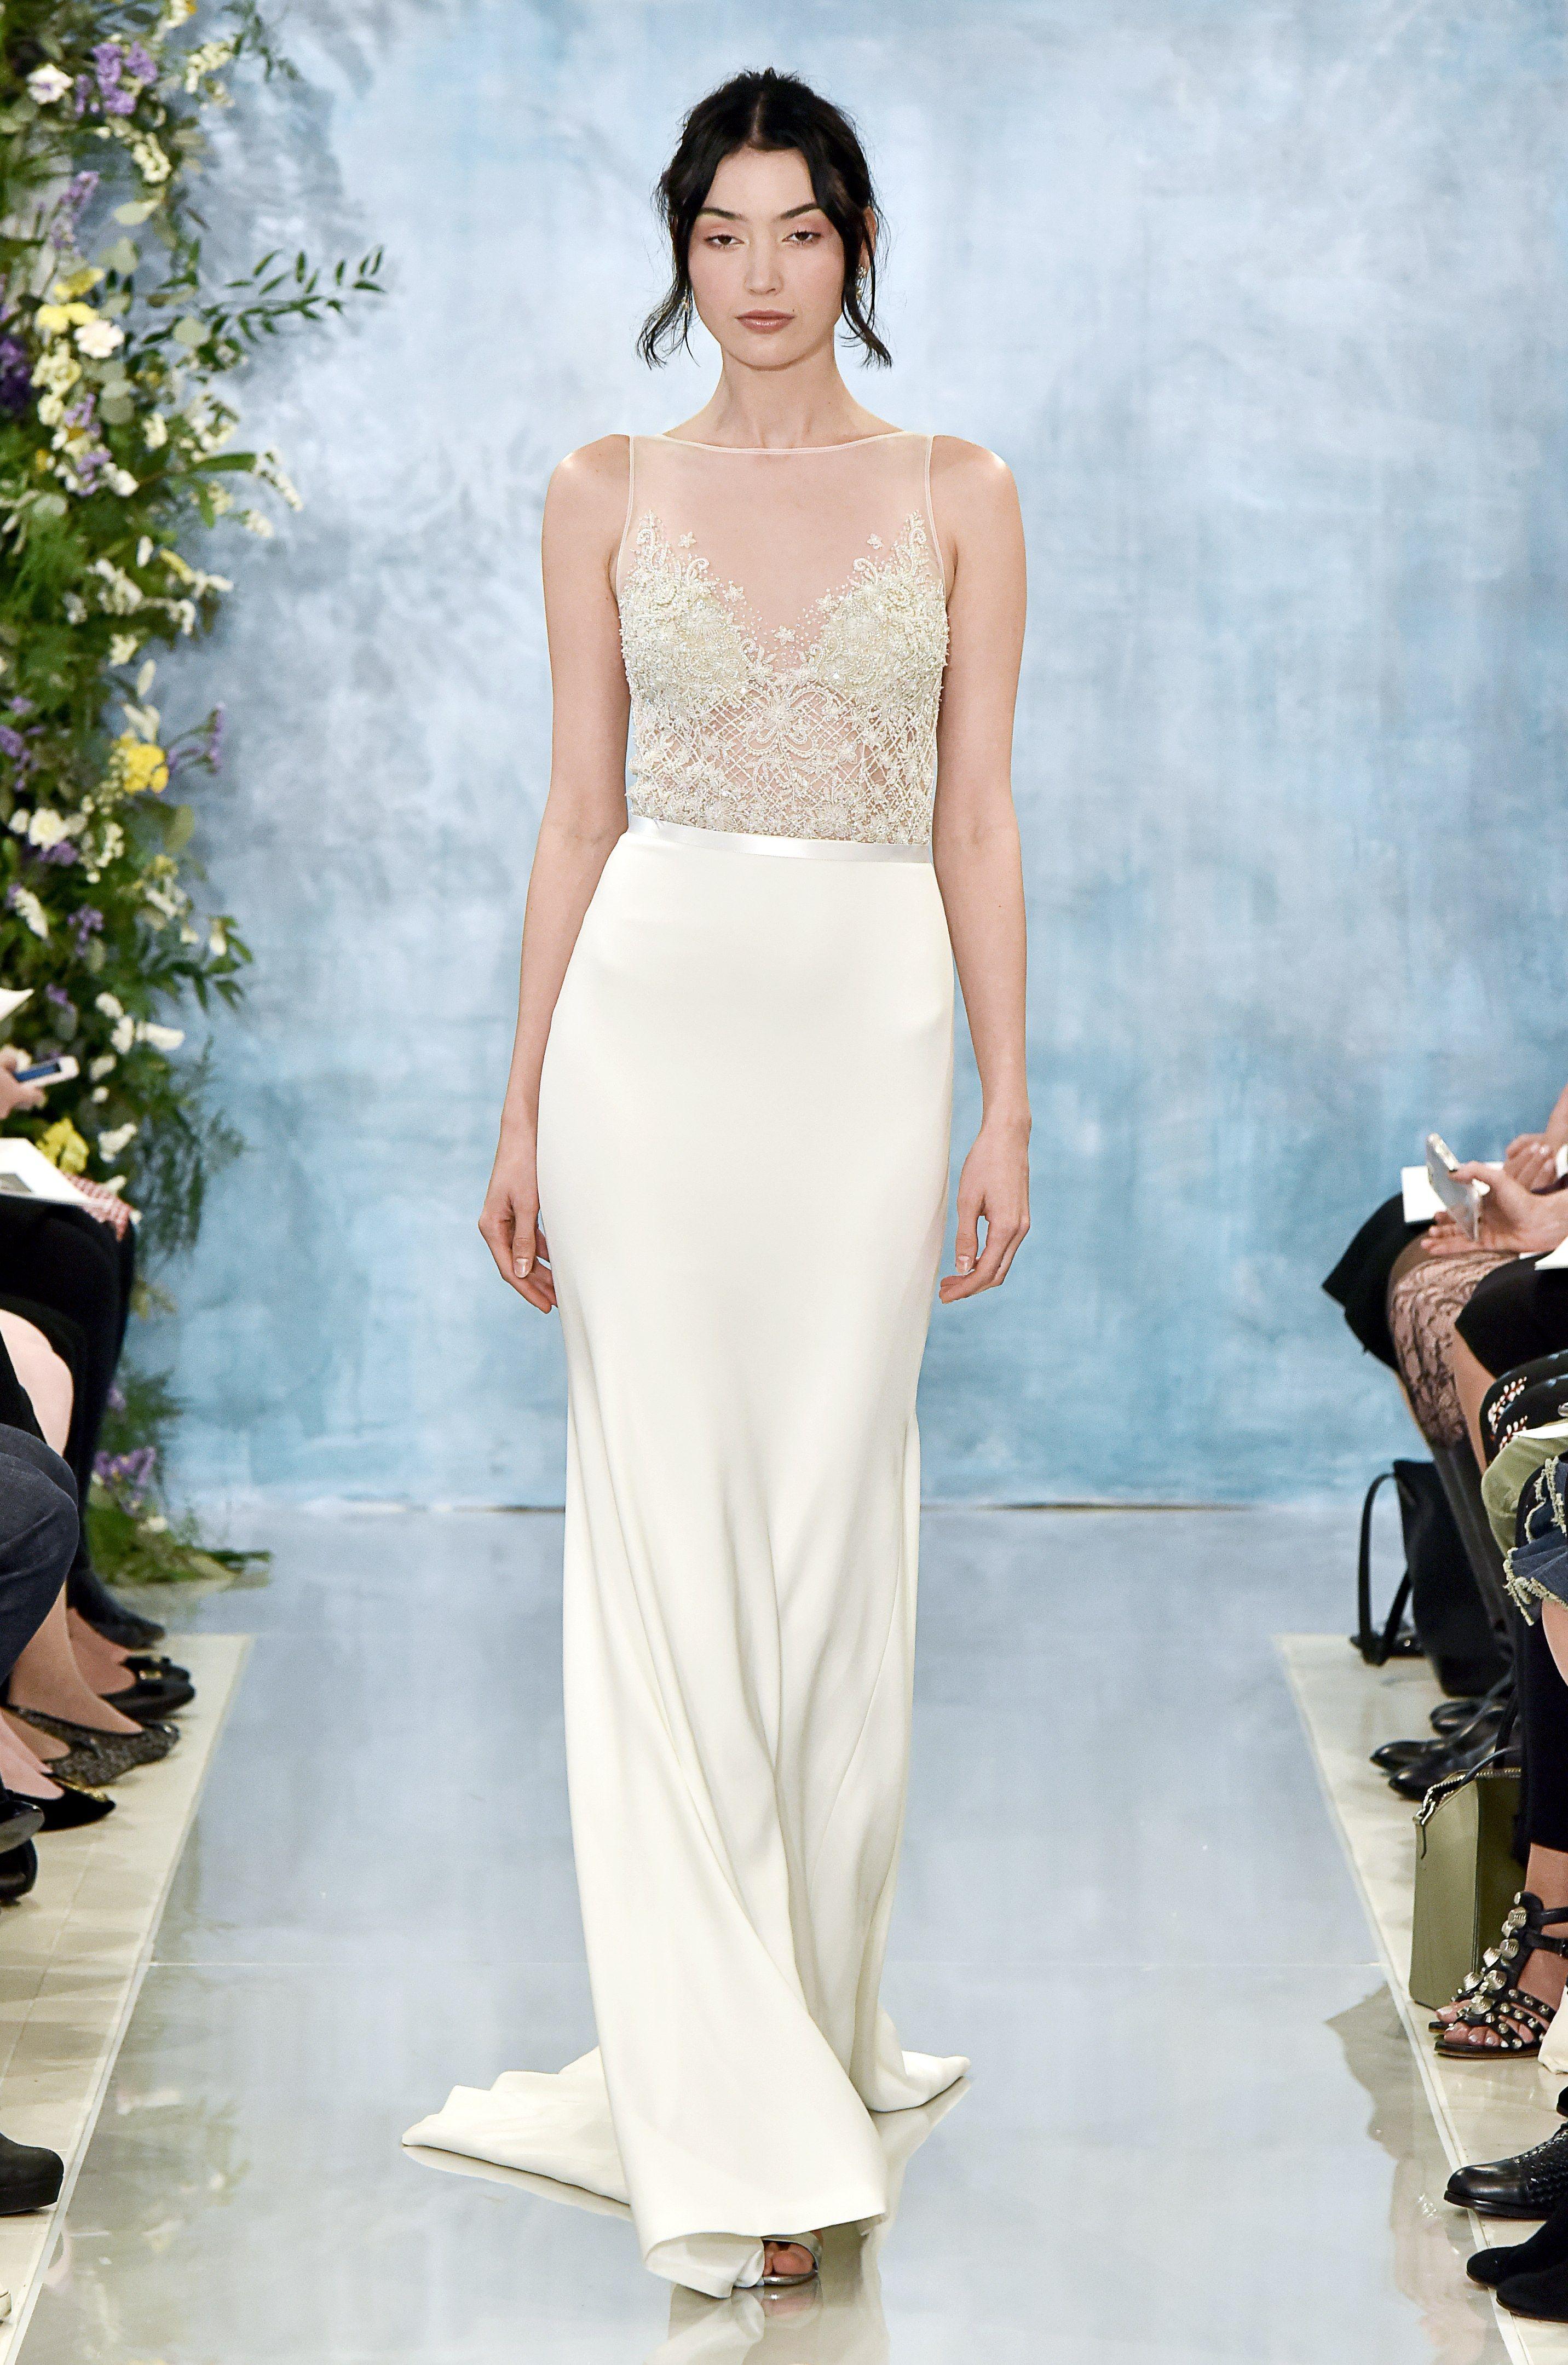 Khloe kardashian wedding dress  Theia Bridal u Wedding Dress Collection Fall   Brides